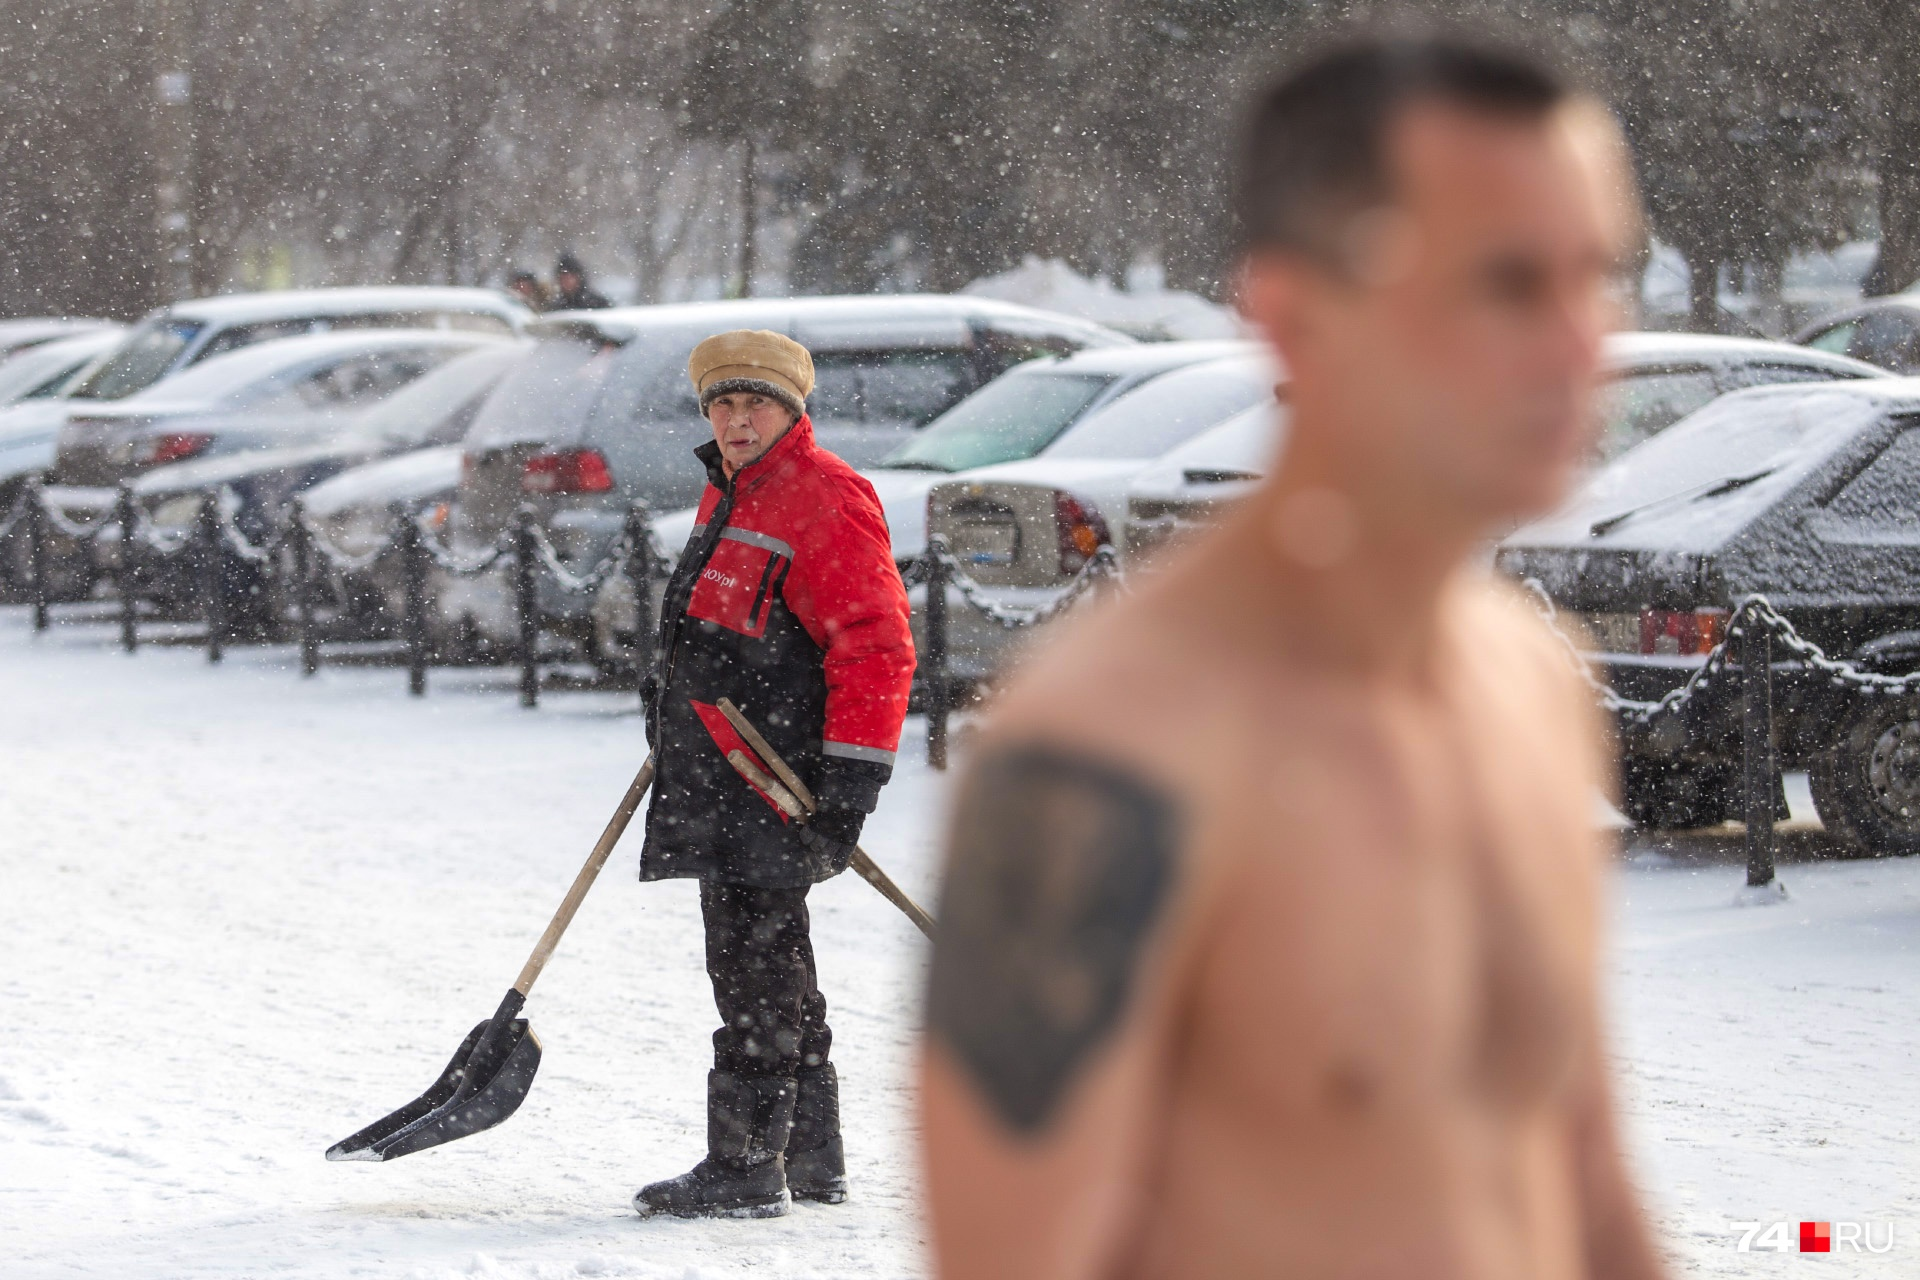 По данным Всемирной метеорологической организации, период с 2011-го по 2020 год стал самым теплым десятилетием за всю историю метеорологических наблюдений (с 1891 года), но вряд ли это повод обнажаться зимой